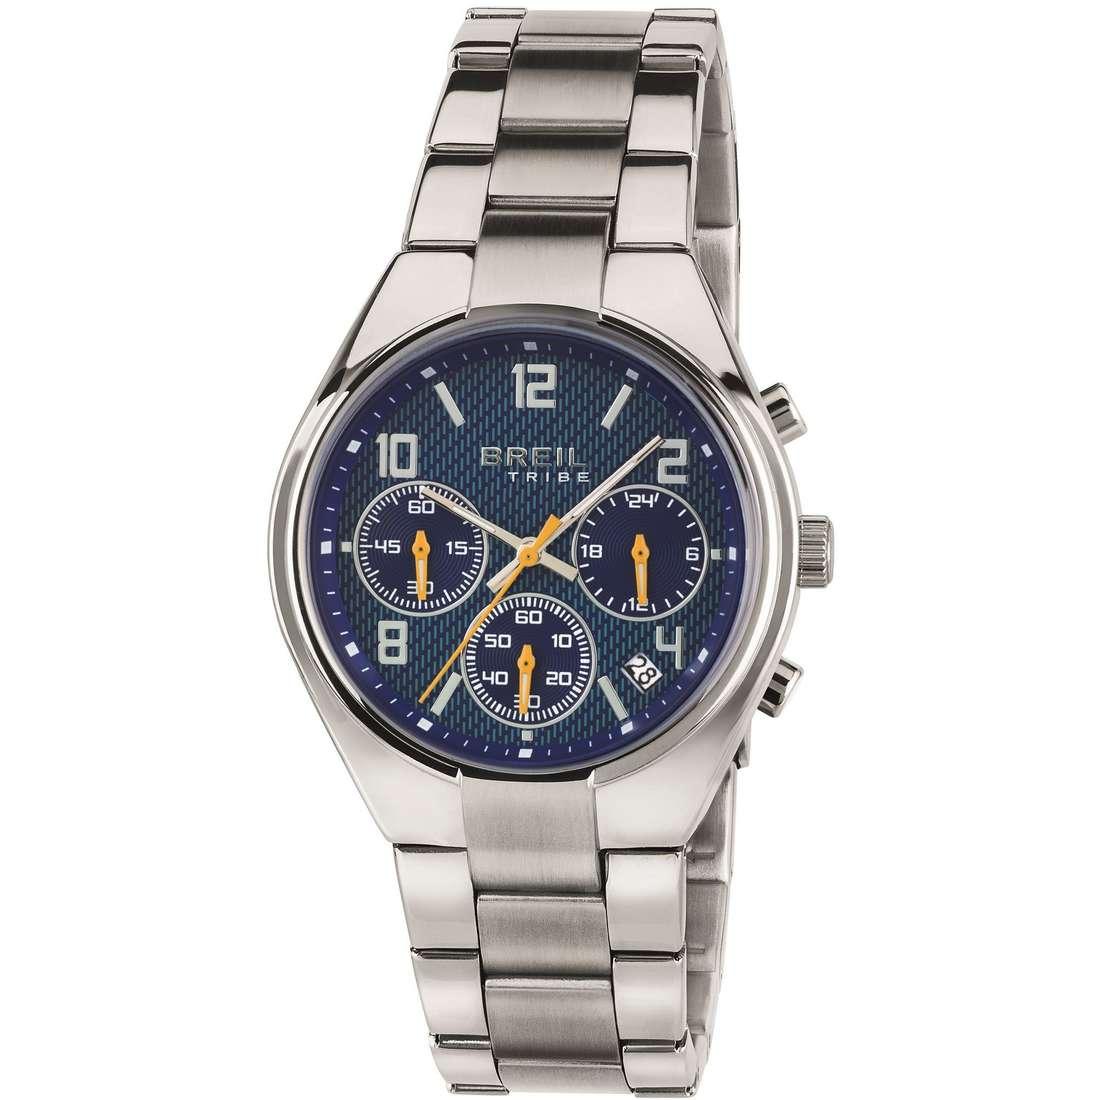 aa0bdc5da74 orologio cronografo uomo Breil Space EW0303  EW0303  - 119 Euro ...